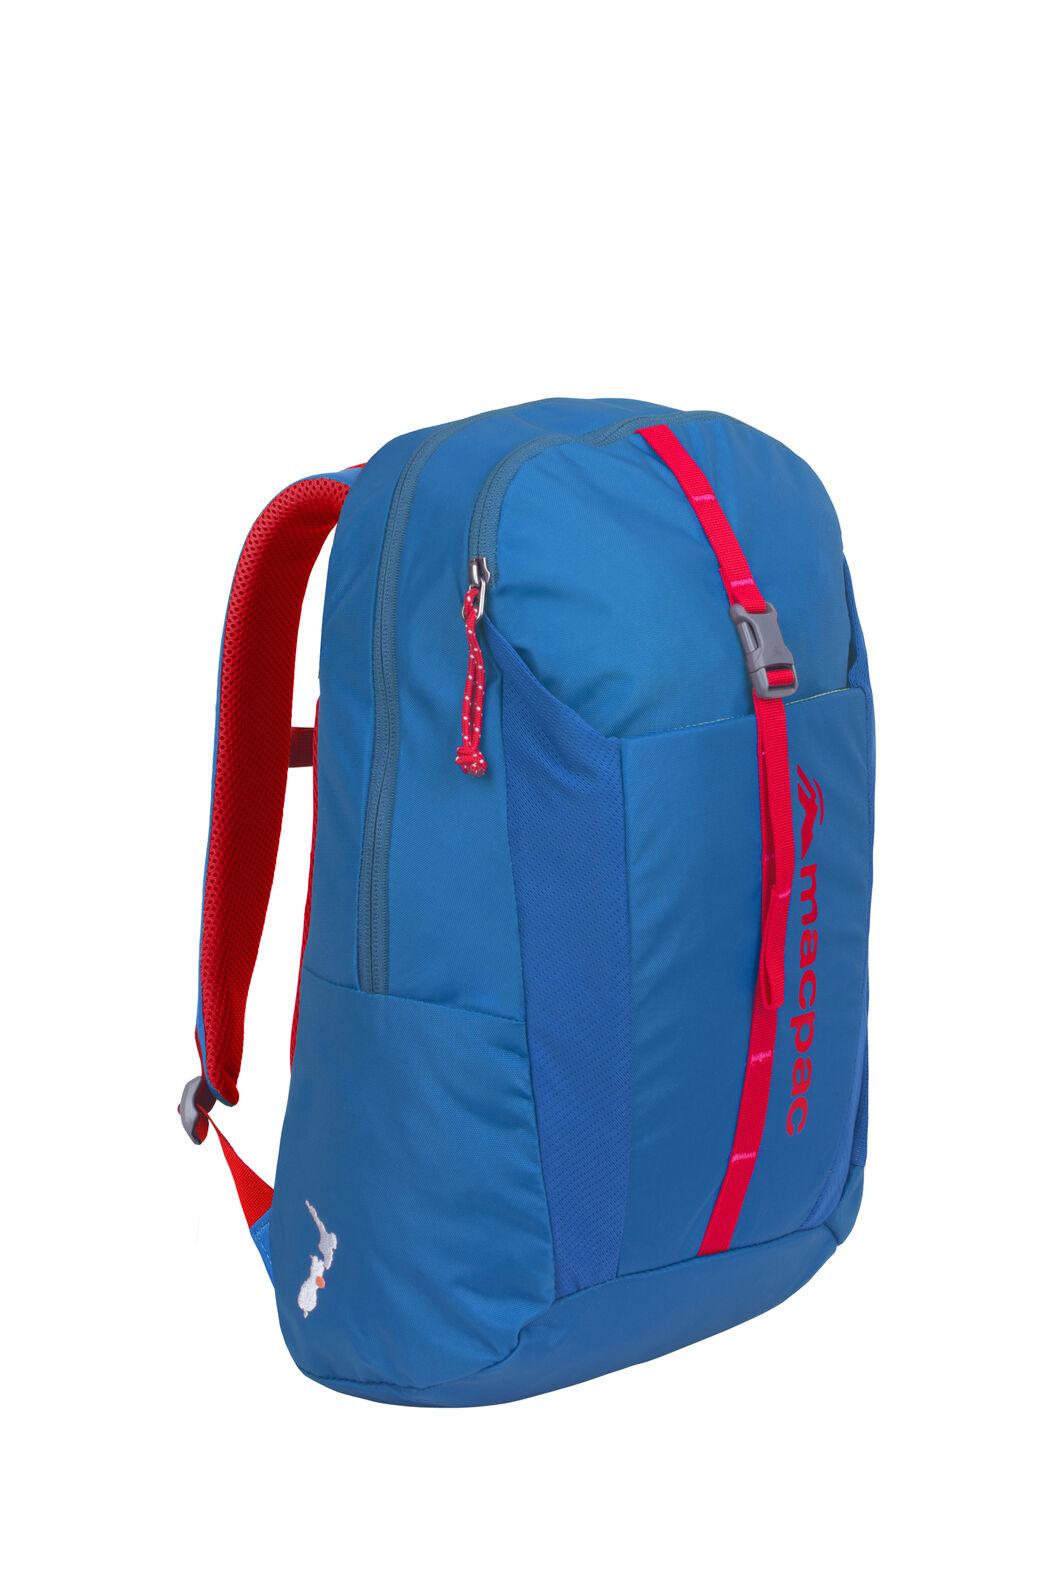 Macpac Cub 10L Daypack - Kids', Victoria Blue, hi-res